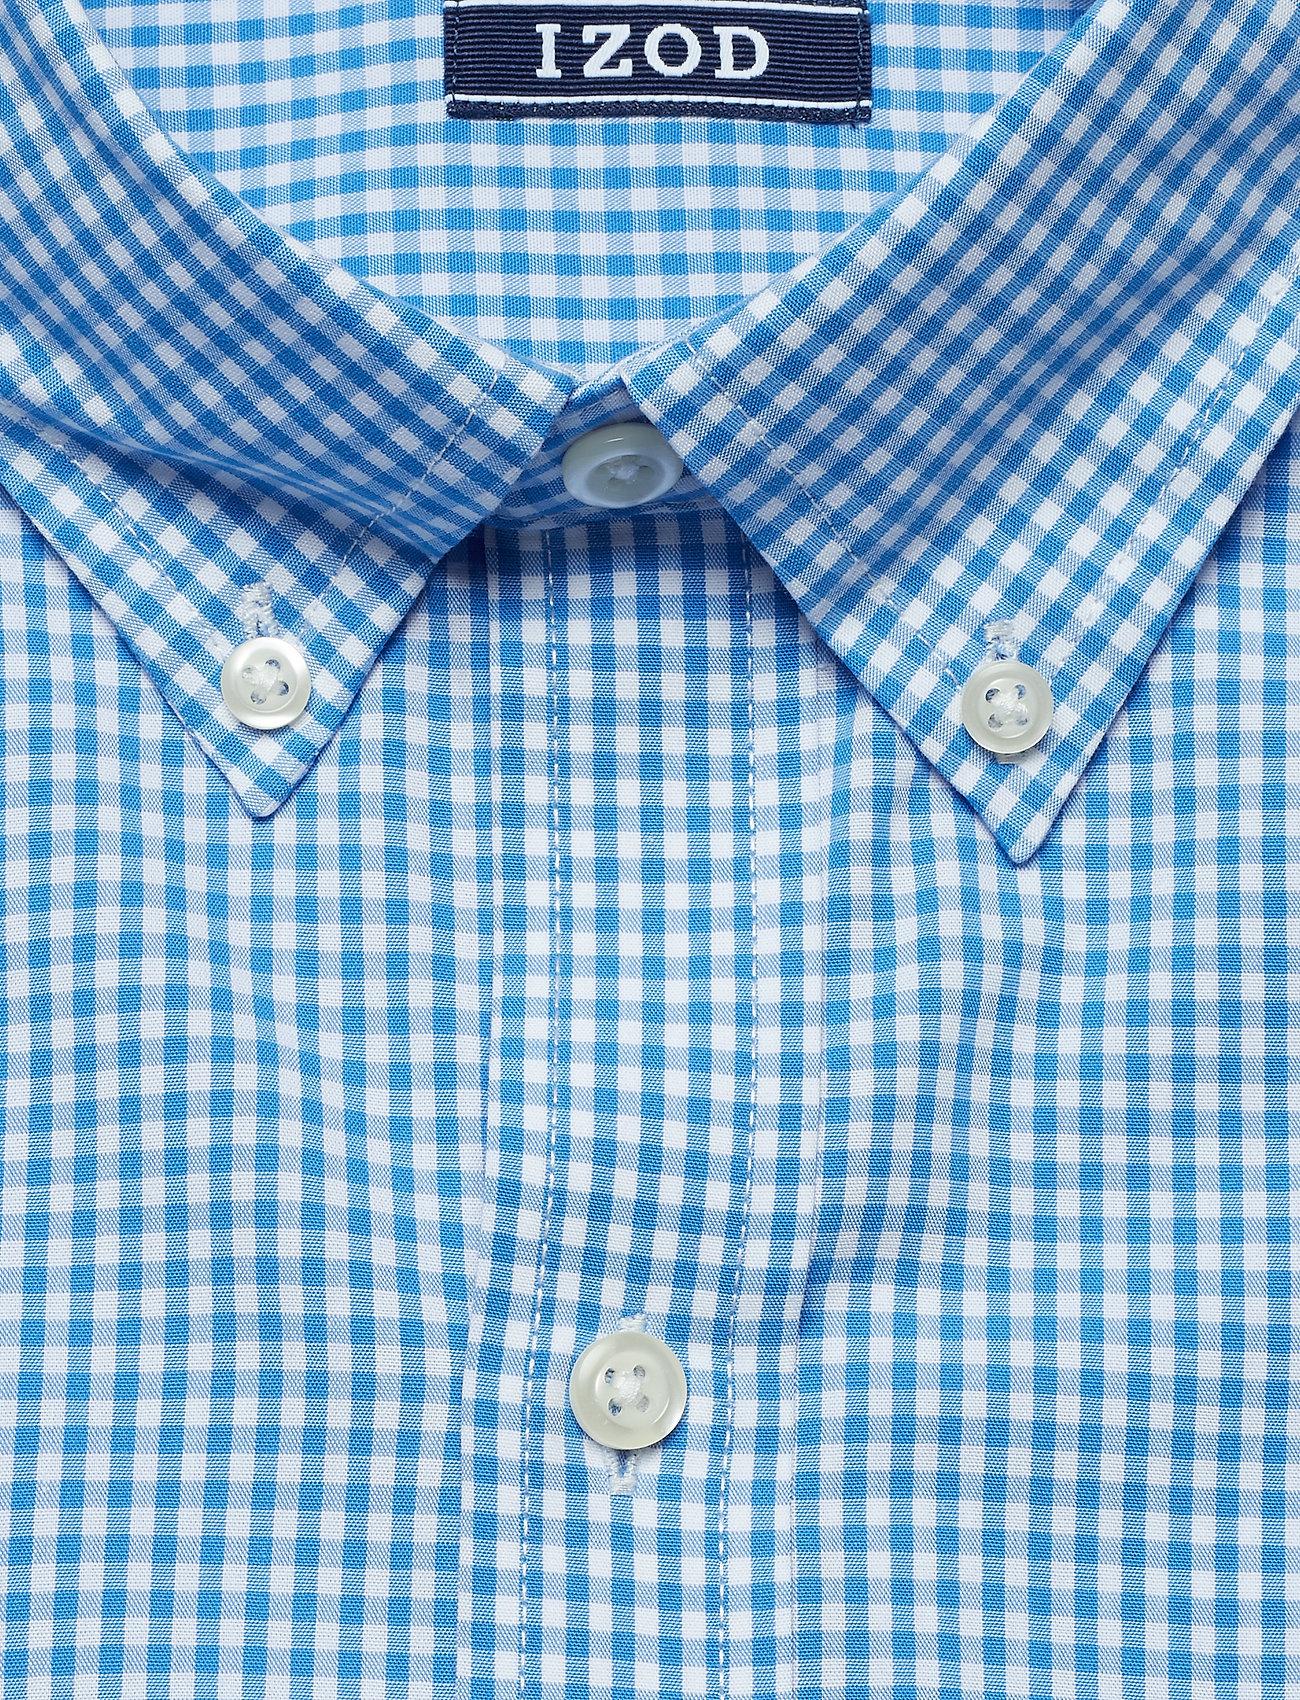 Bd RevivalIzod Gingham Mini Mini Shirtblue CxordBWQe